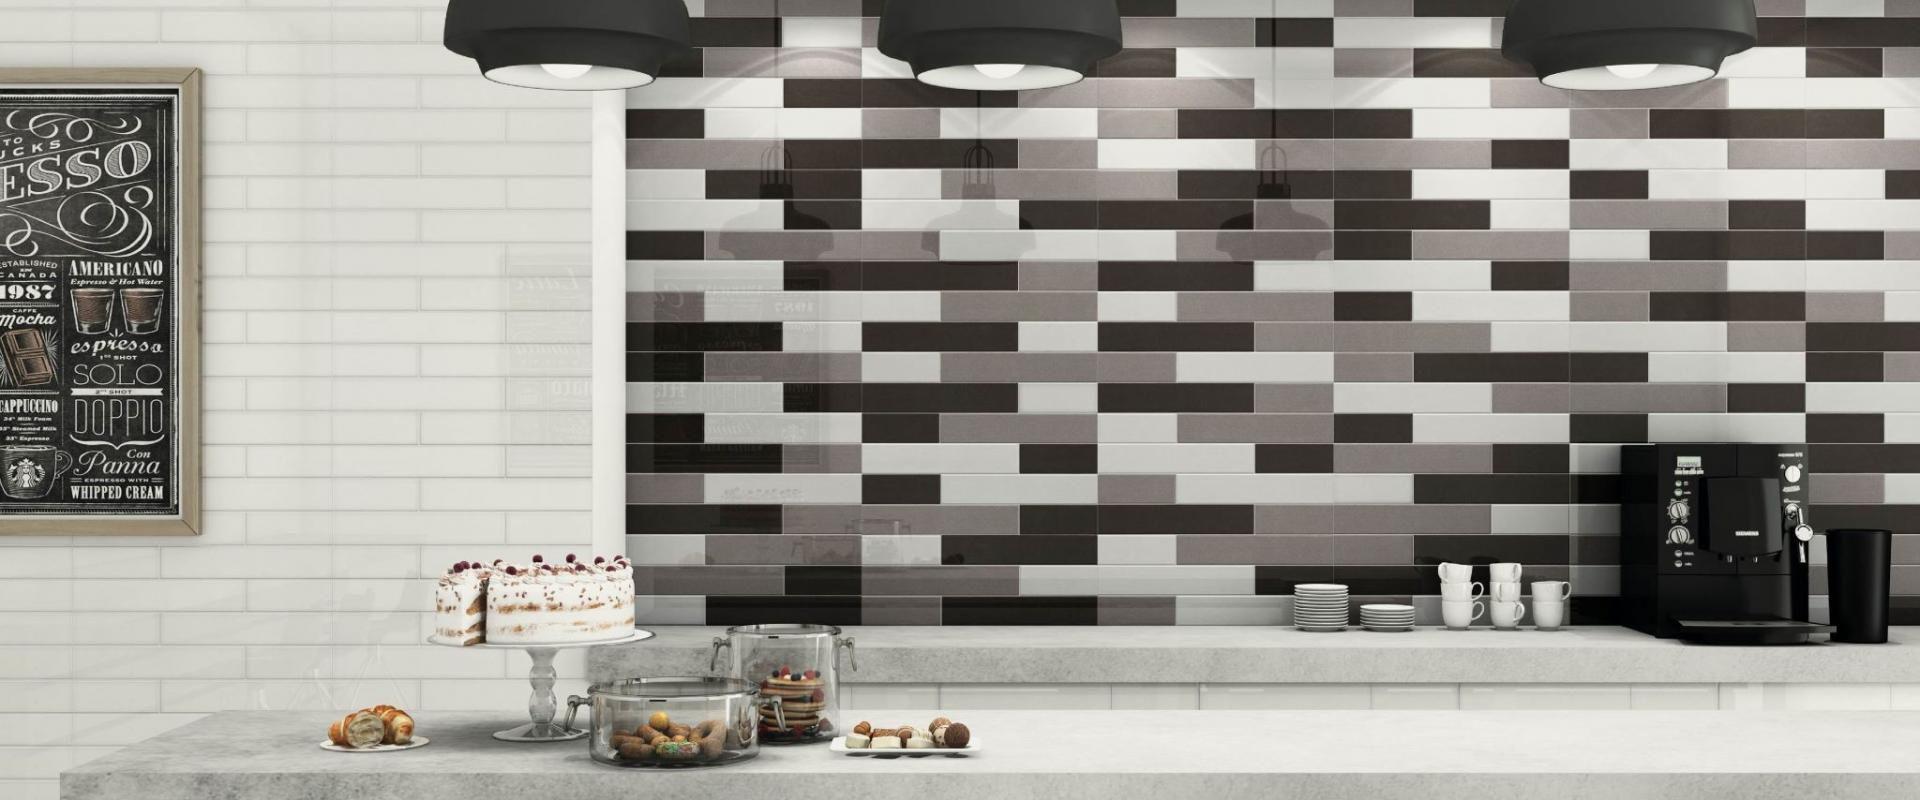 Küchenfliesen / Wand / Keramik / mit geometrischem Muster - ENGLAND ...